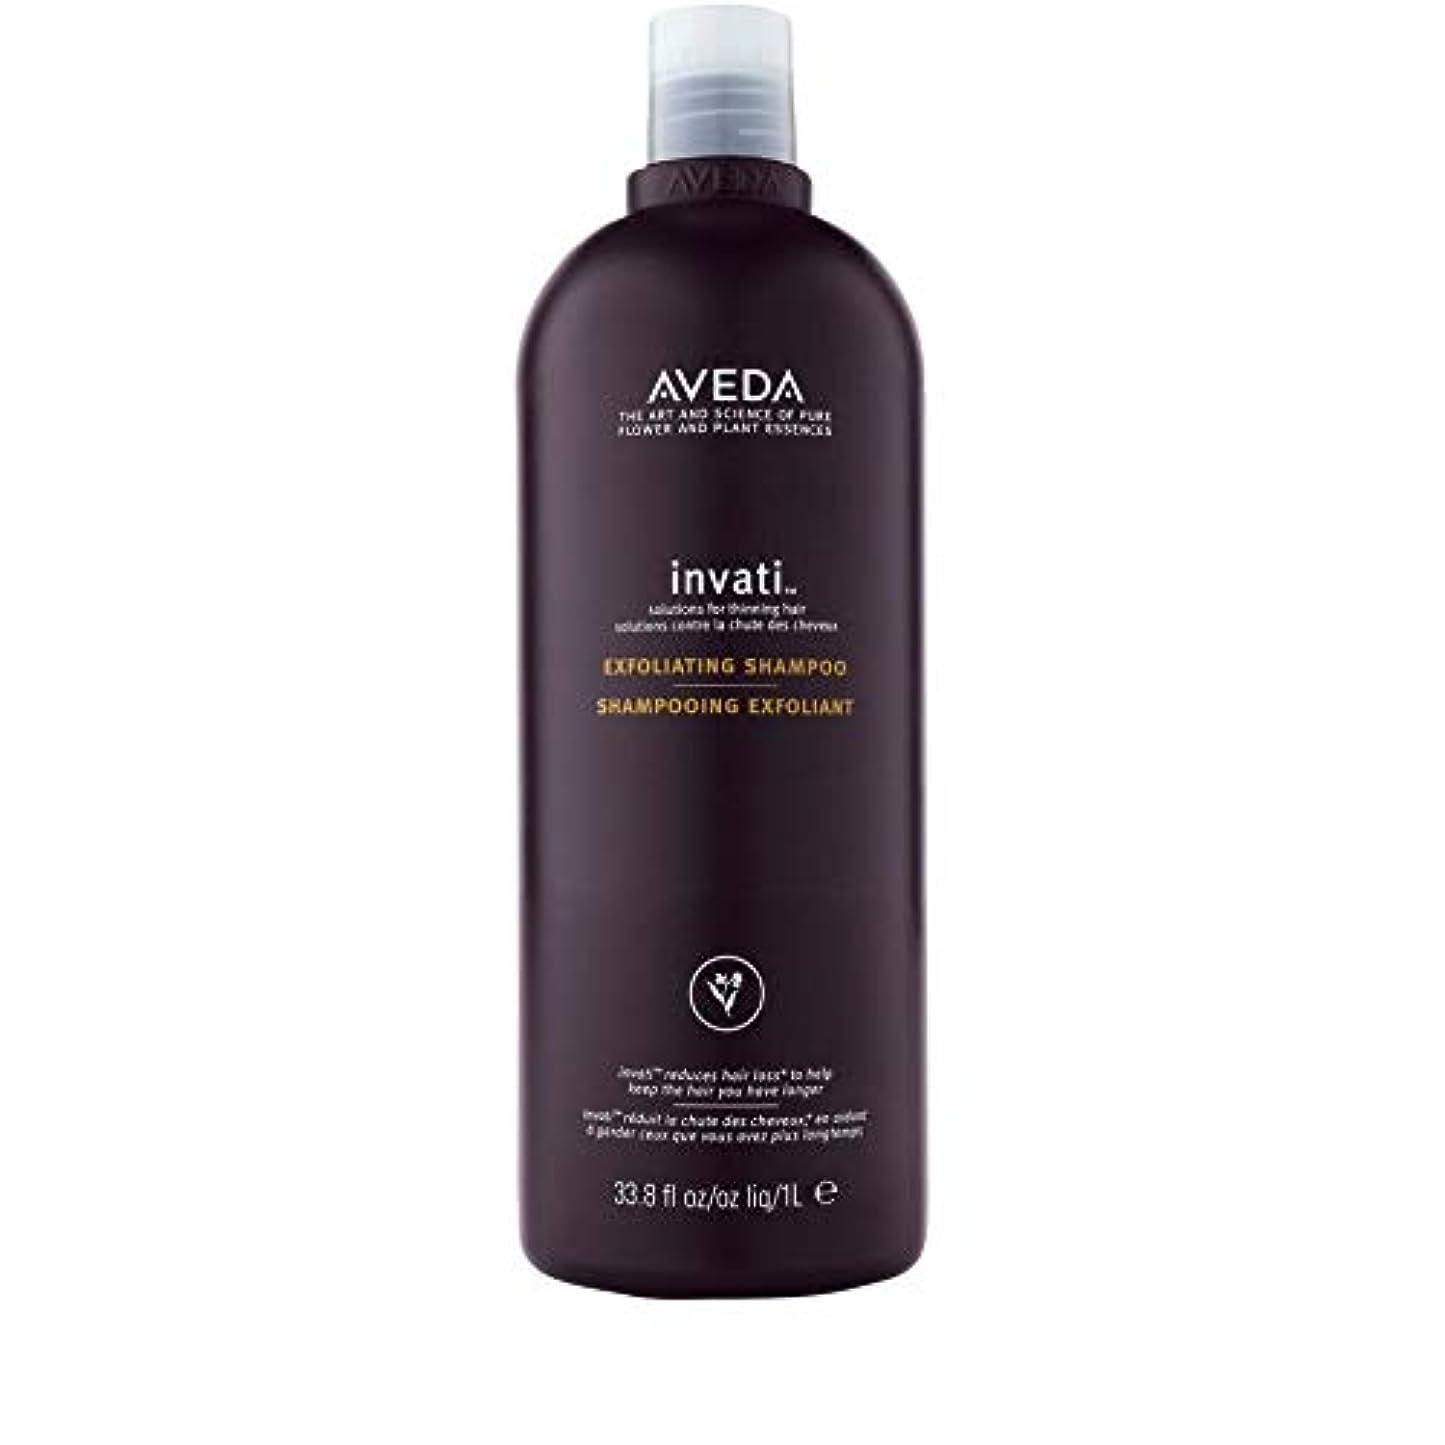 終わらせる直感関係ない[AVEDA ] アヴェダInvati角質シャンプー1リットル - Aveda Invati Exfoliating Shampoo 1L [並行輸入品]